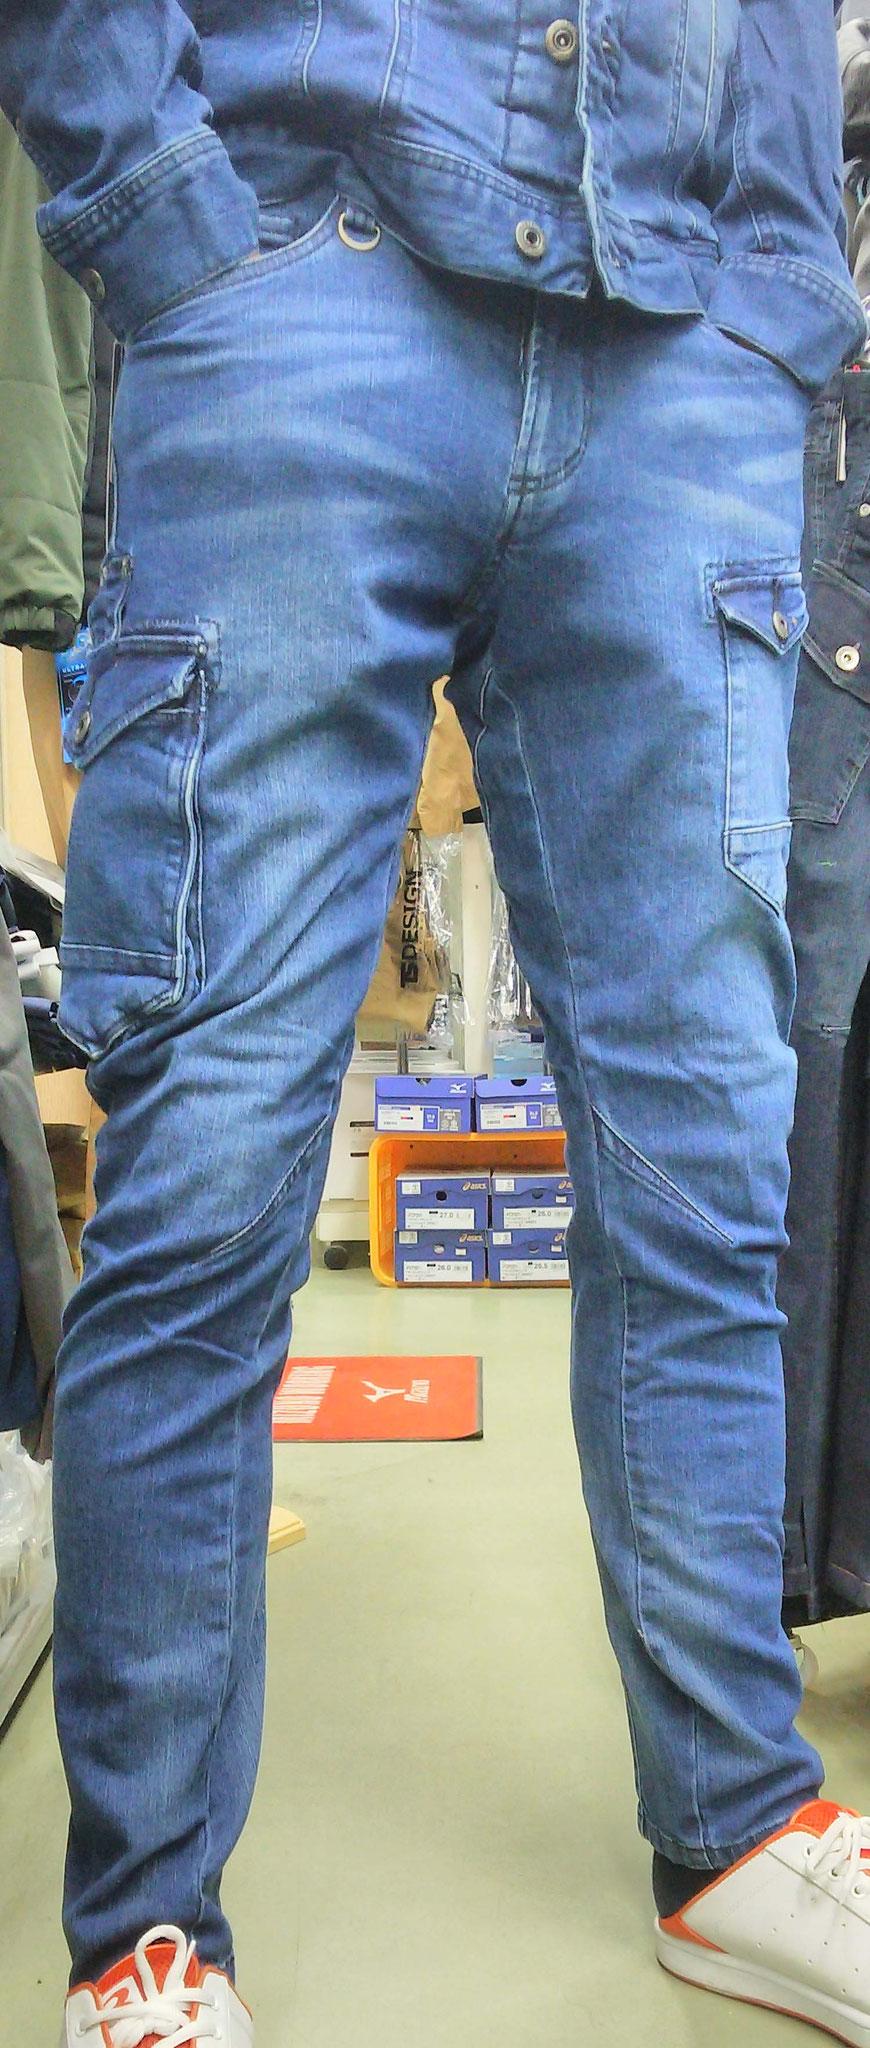 I'Z FRONTIER 7340 SERIES ~アイズフロンティア~ 履いてみました。予想以上にぴったりフィットします。